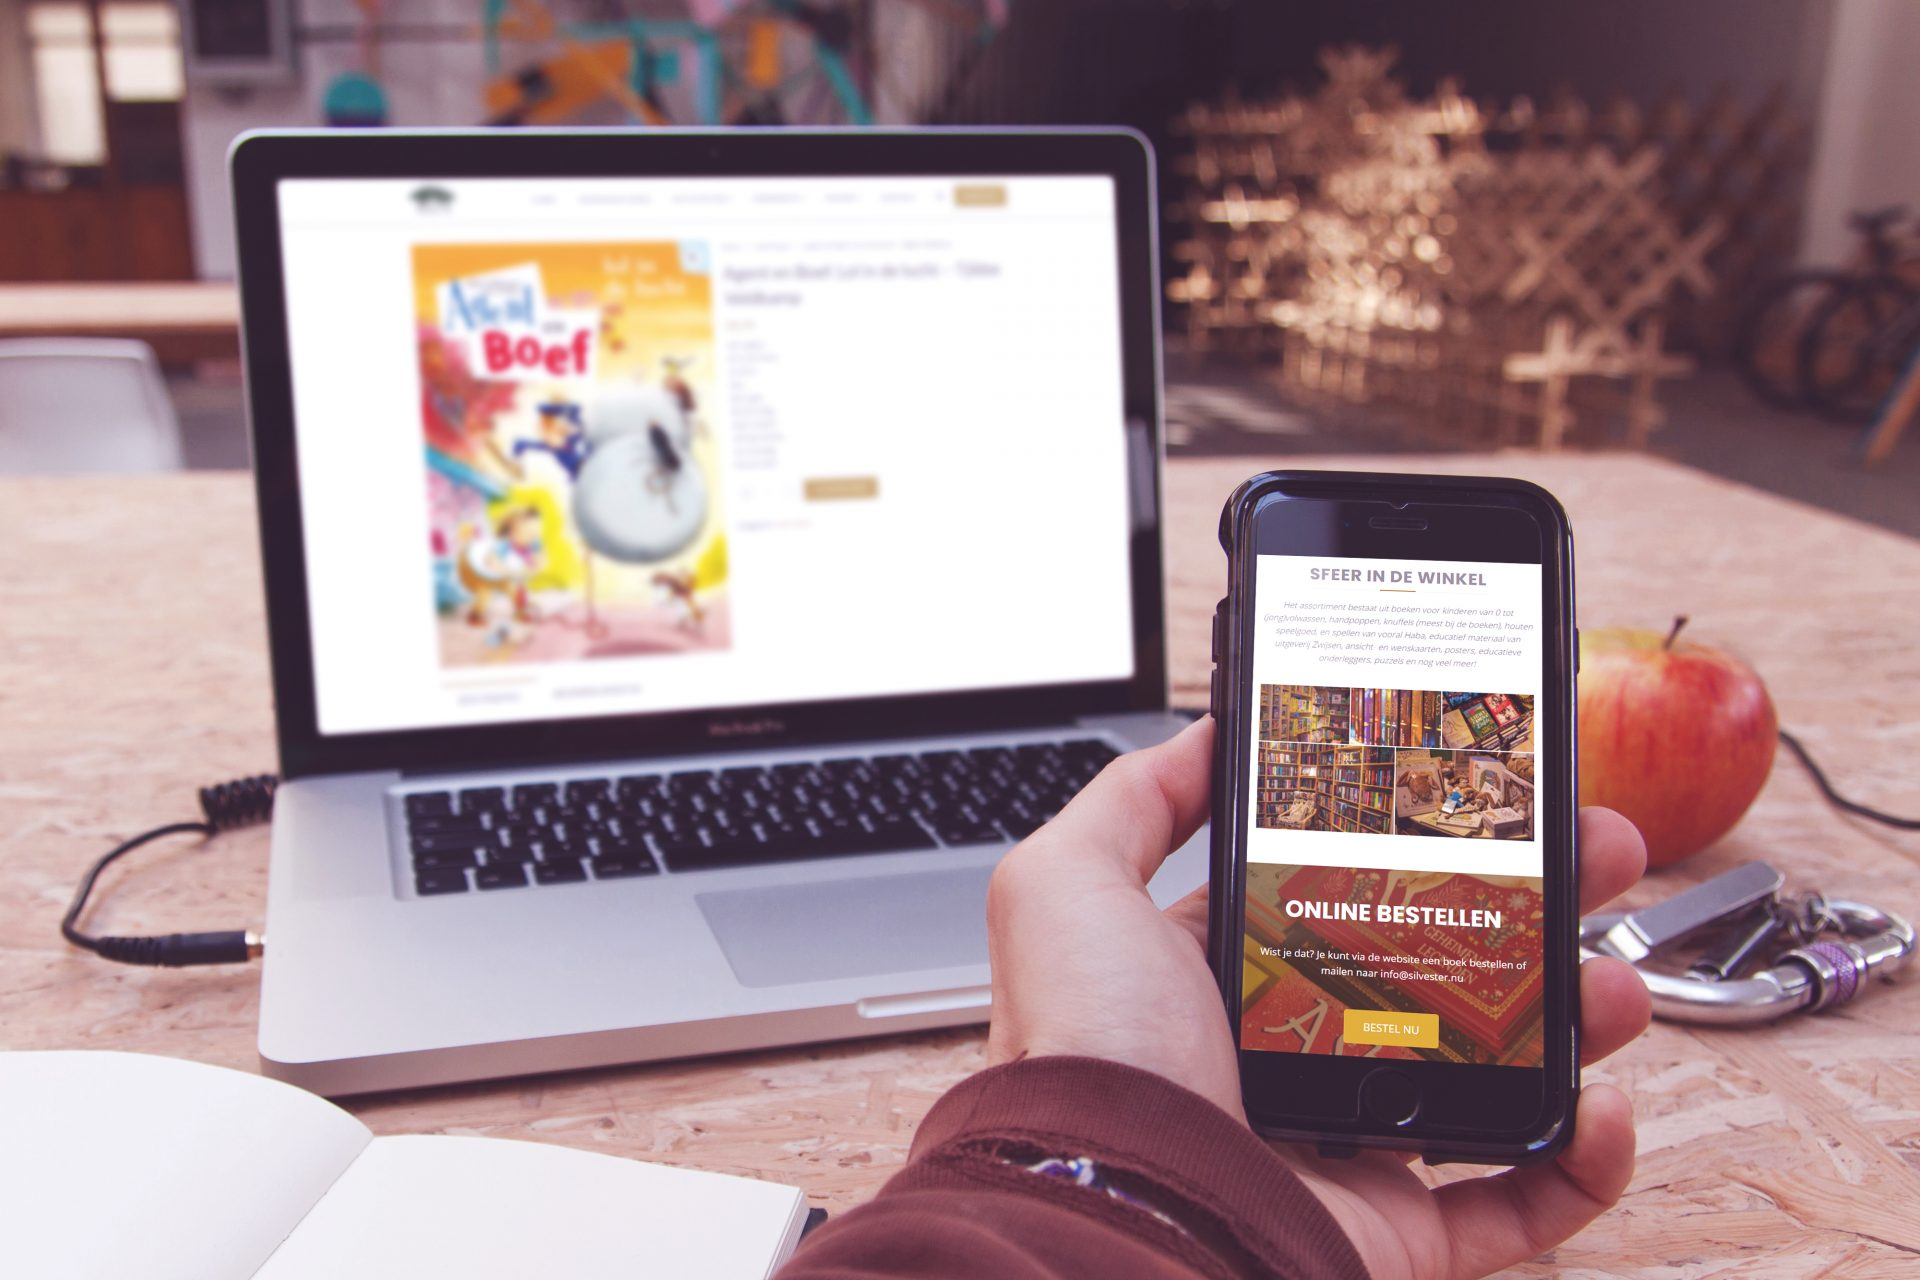 De Silvesterwebsite op mobiel en laptop